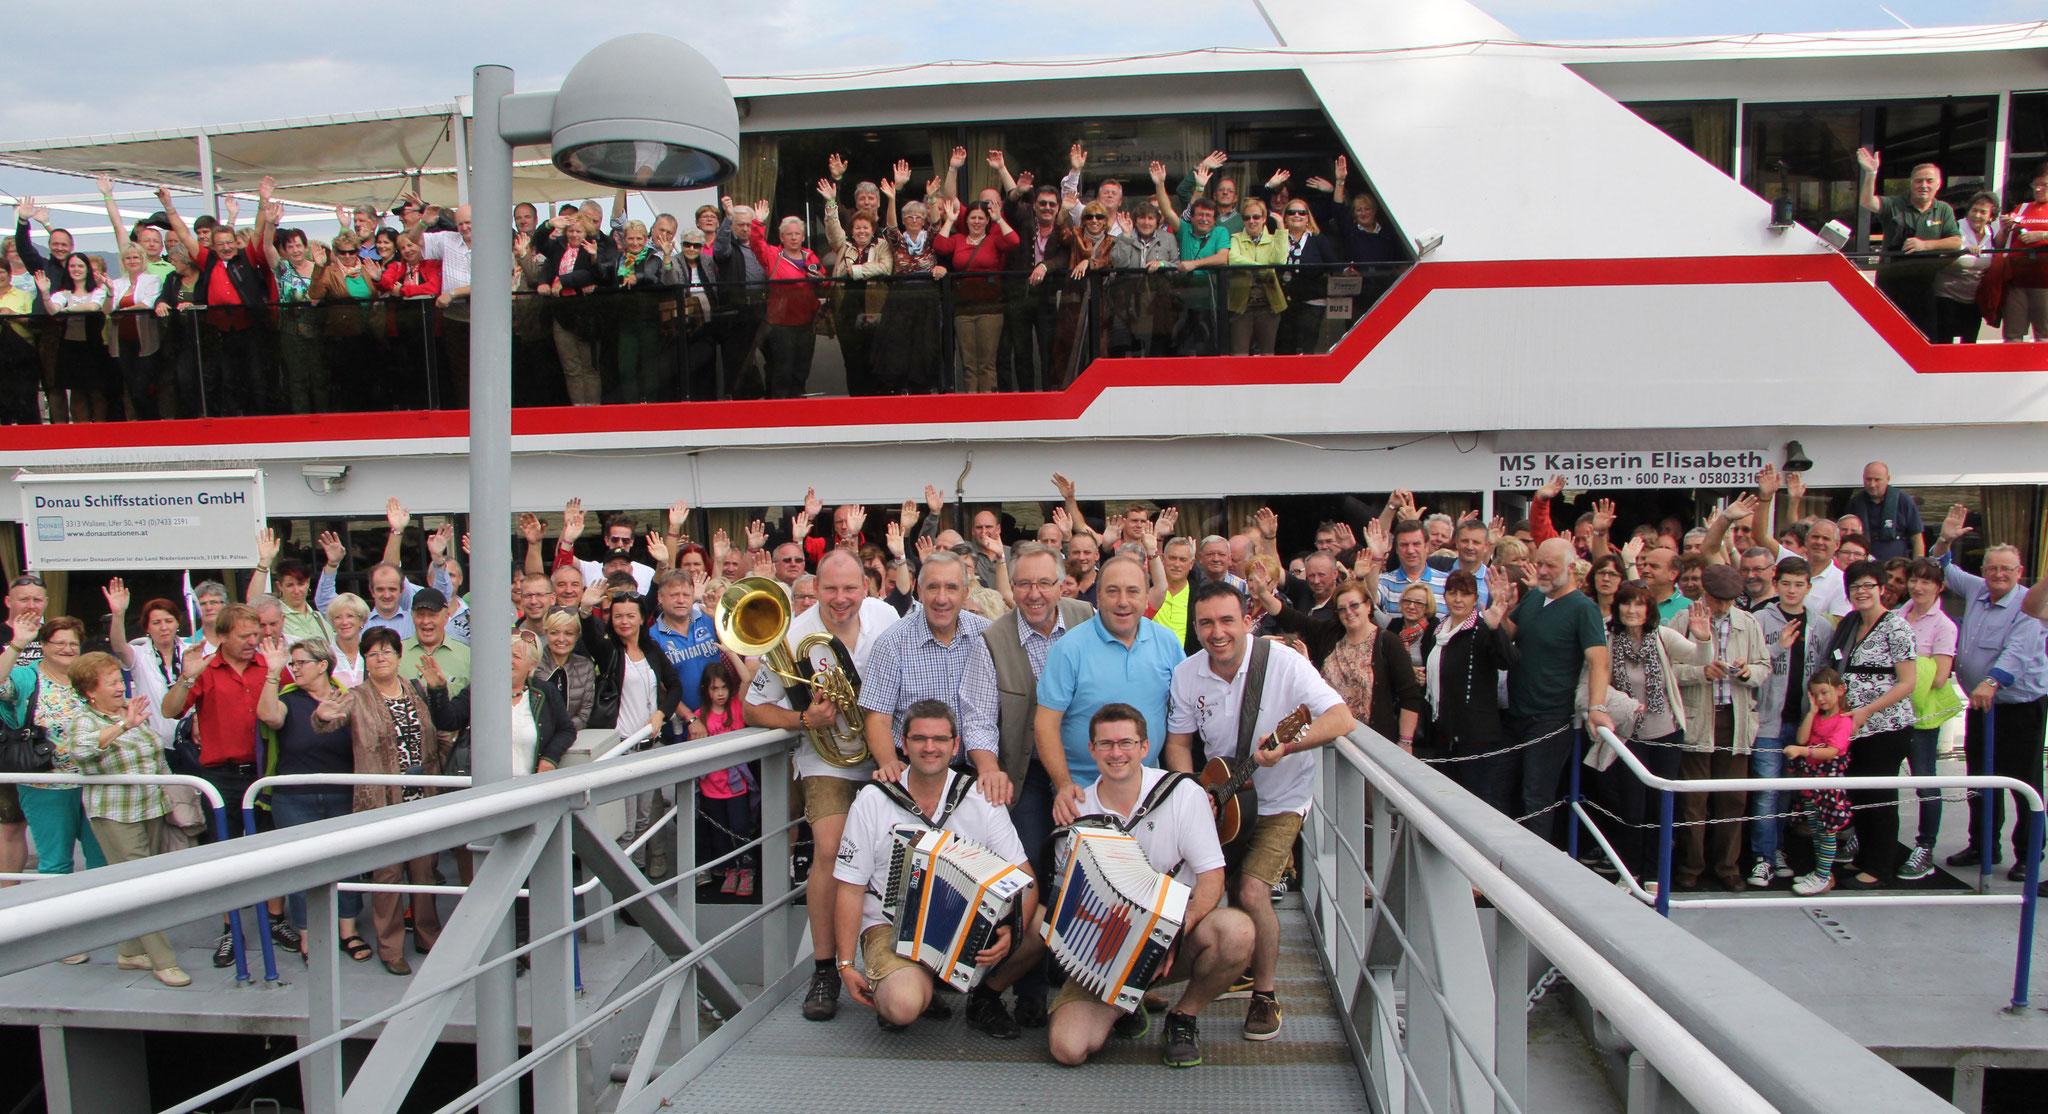 Unsere 20 Jahre Donau-Jubiläumsreise